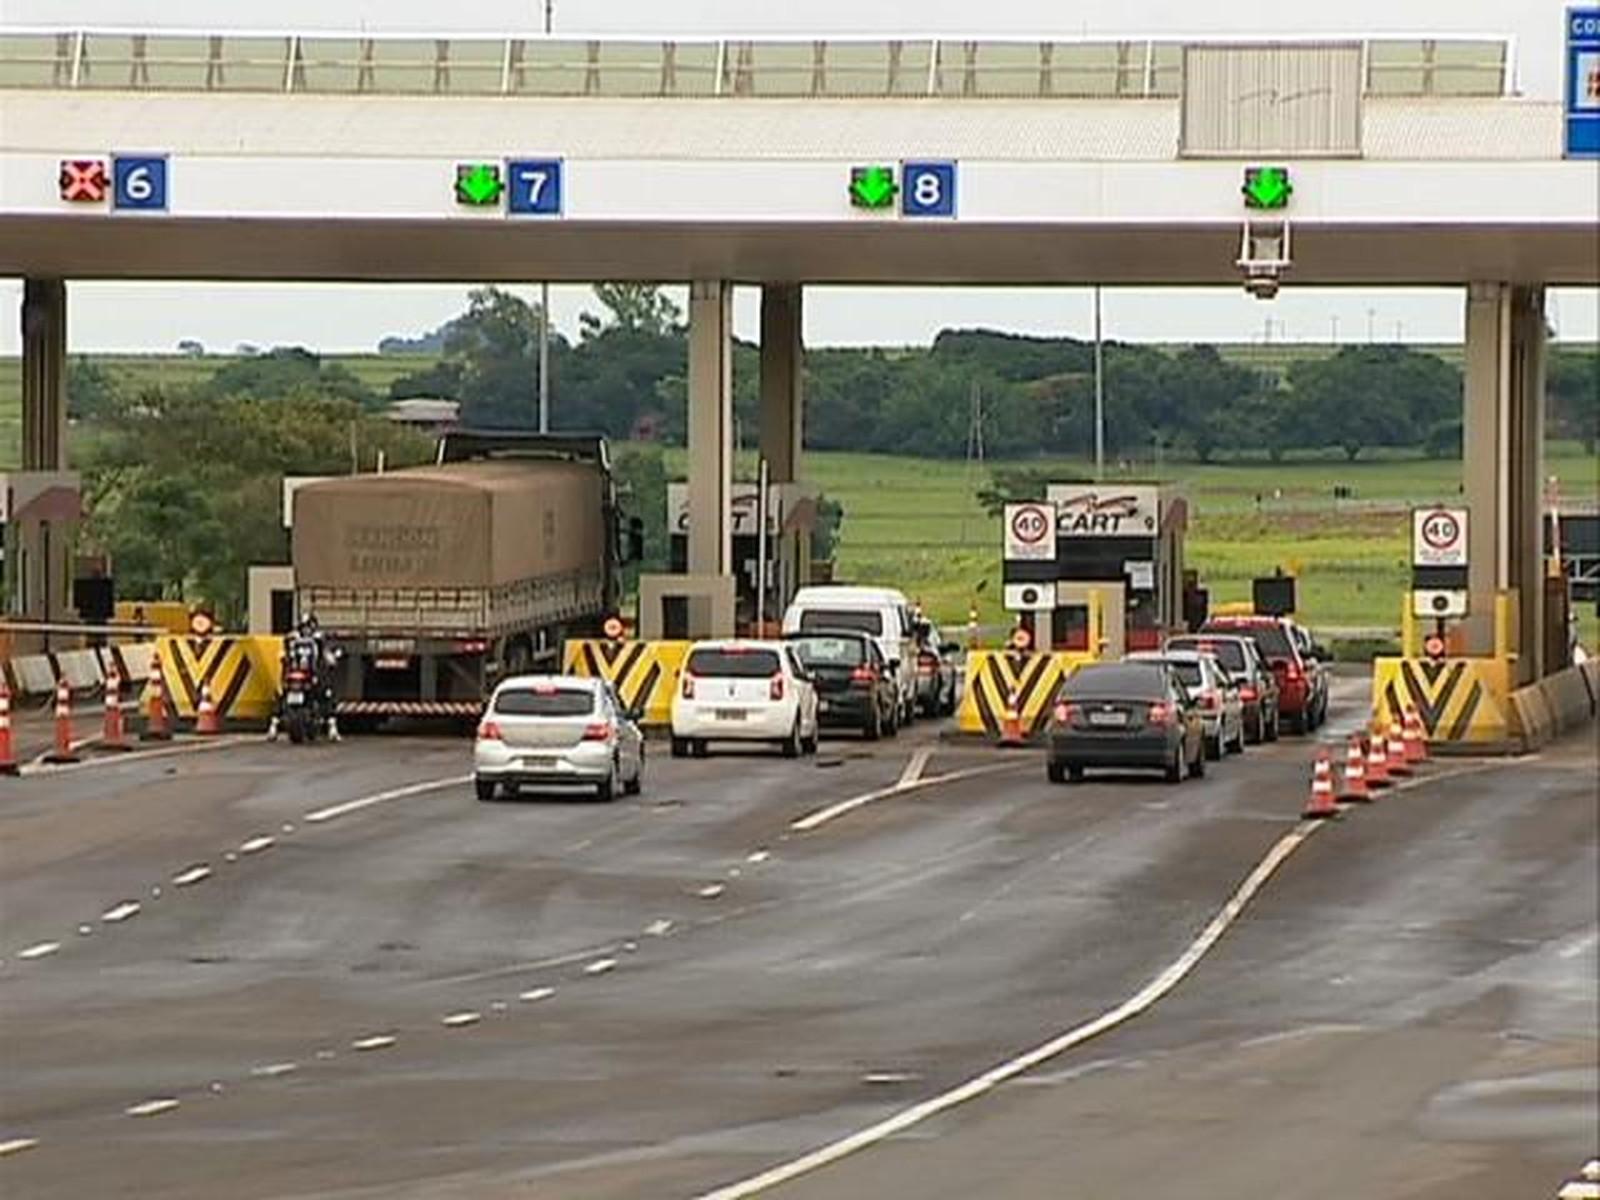 Resultado de imagem para Campanha da ARTESP alerta para riscos do uso do celular ao volante e outras atitudes imprudentes no trânsito